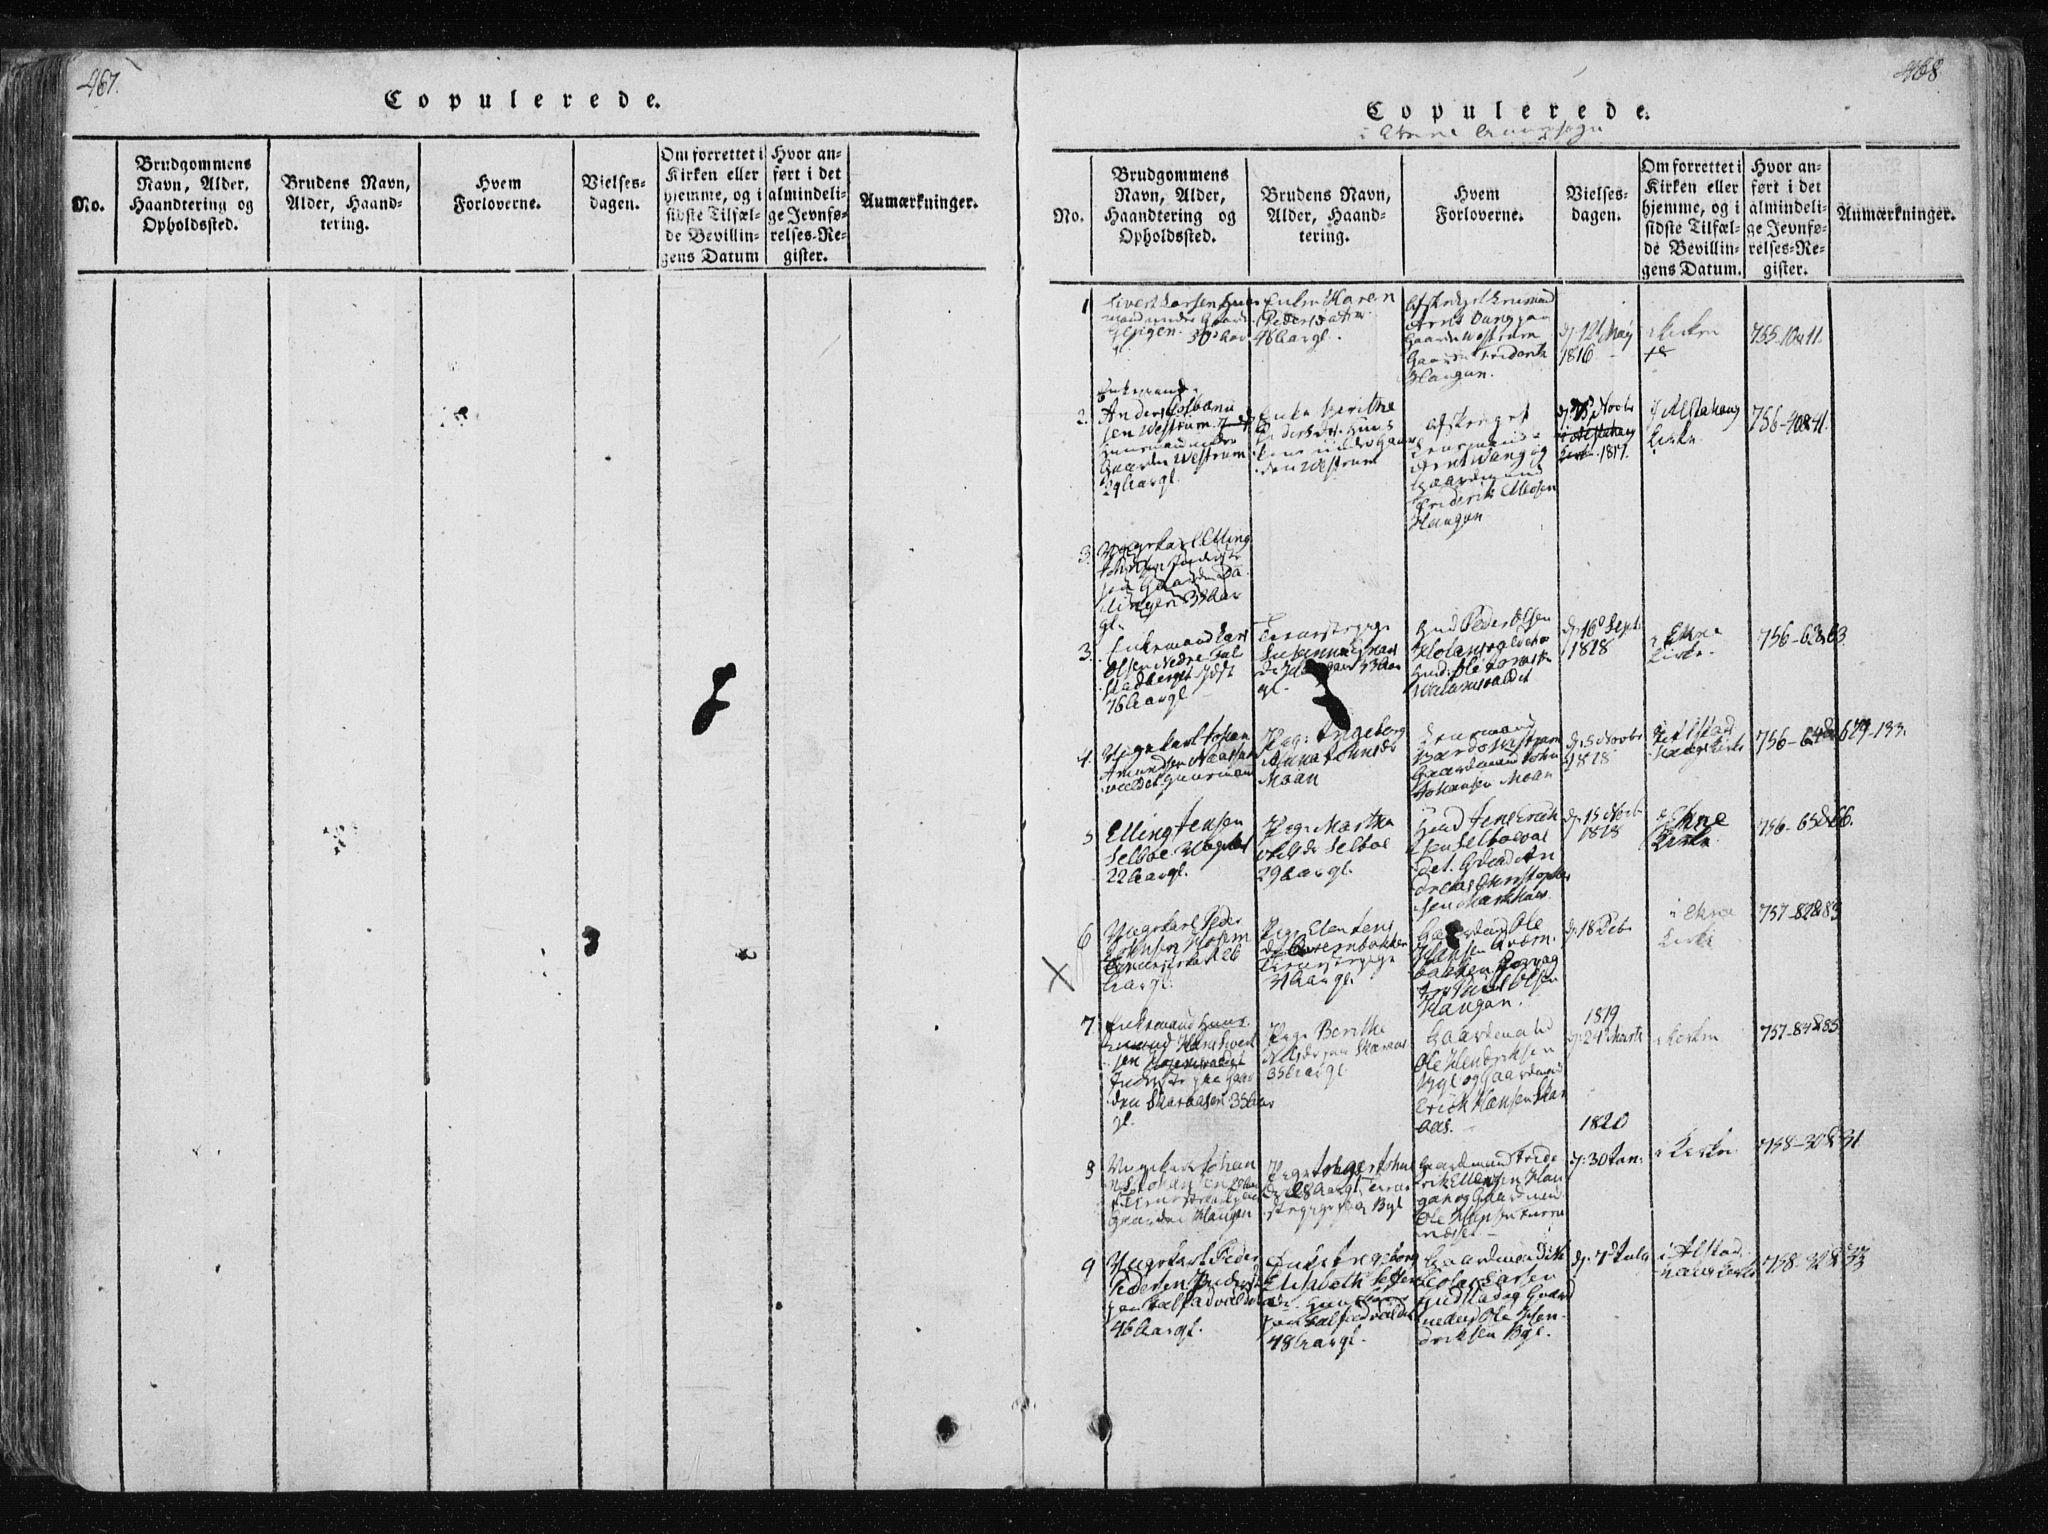 SAT, Ministerialprotokoller, klokkerbøker og fødselsregistre - Nord-Trøndelag, 717/L0148: Ministerialbok nr. 717A04 /3, 1816-1825, s. 467-468